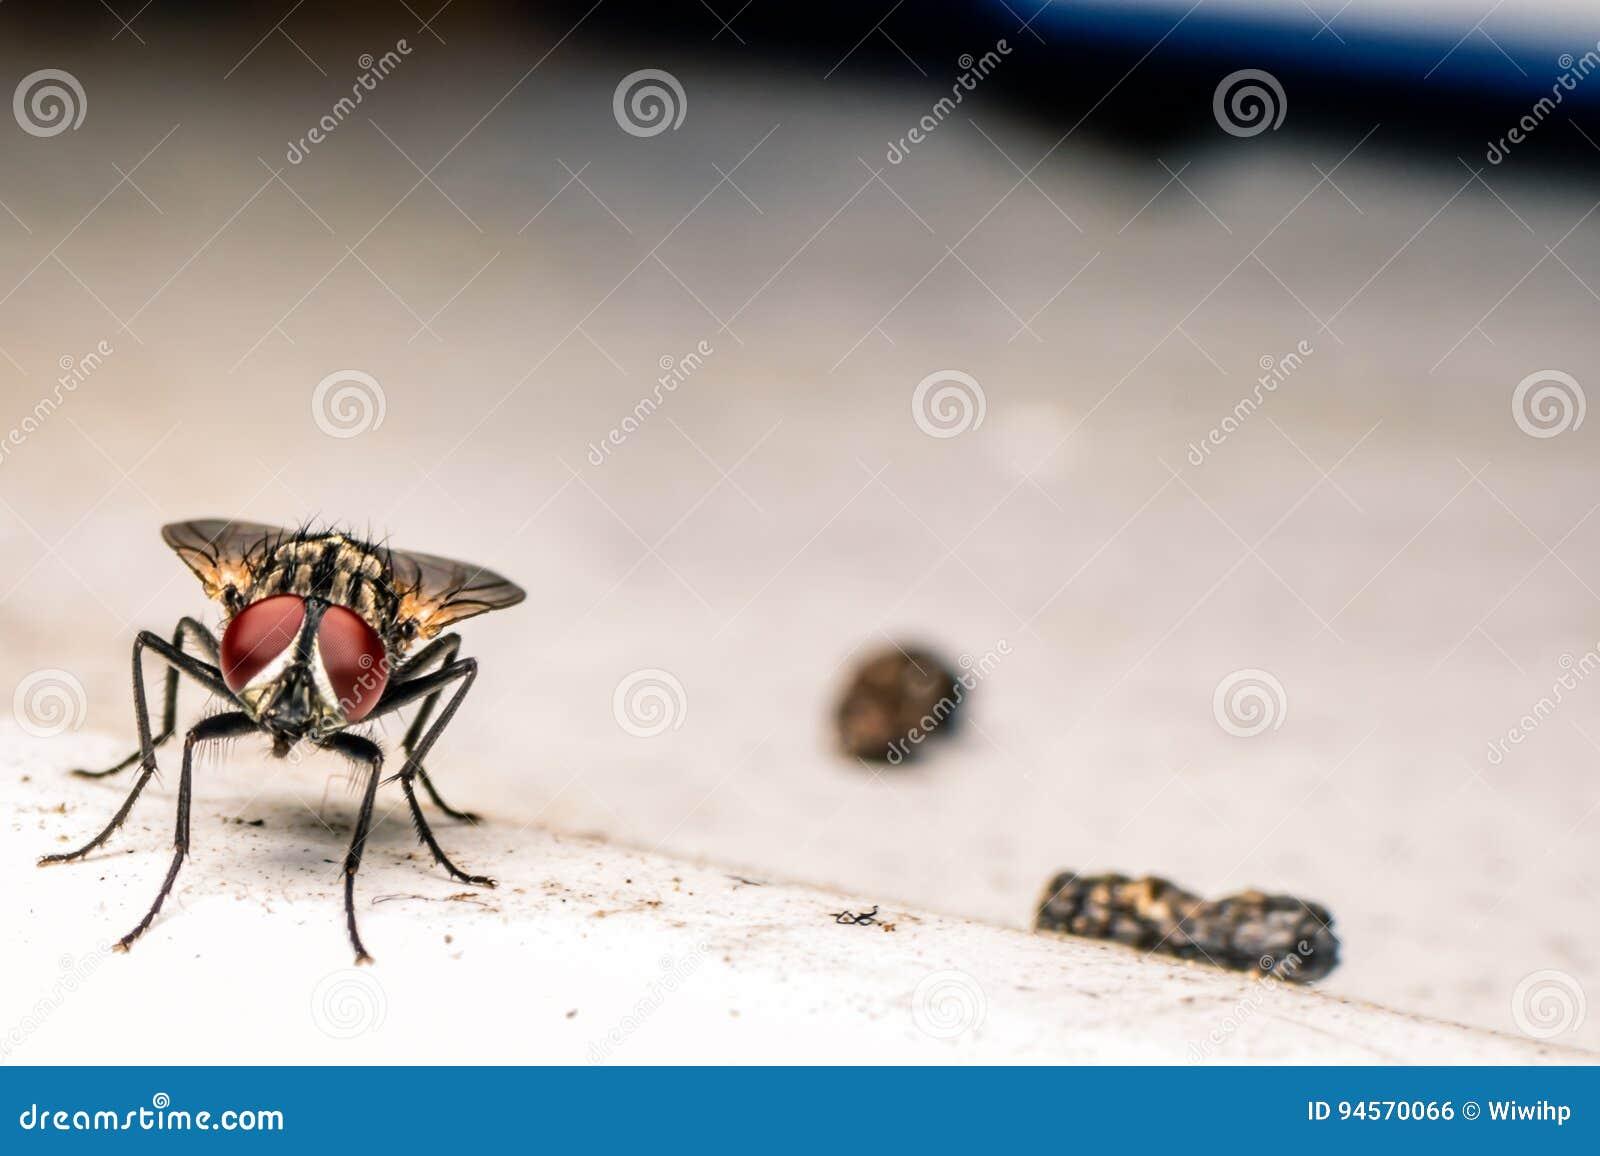 Flies and Debris